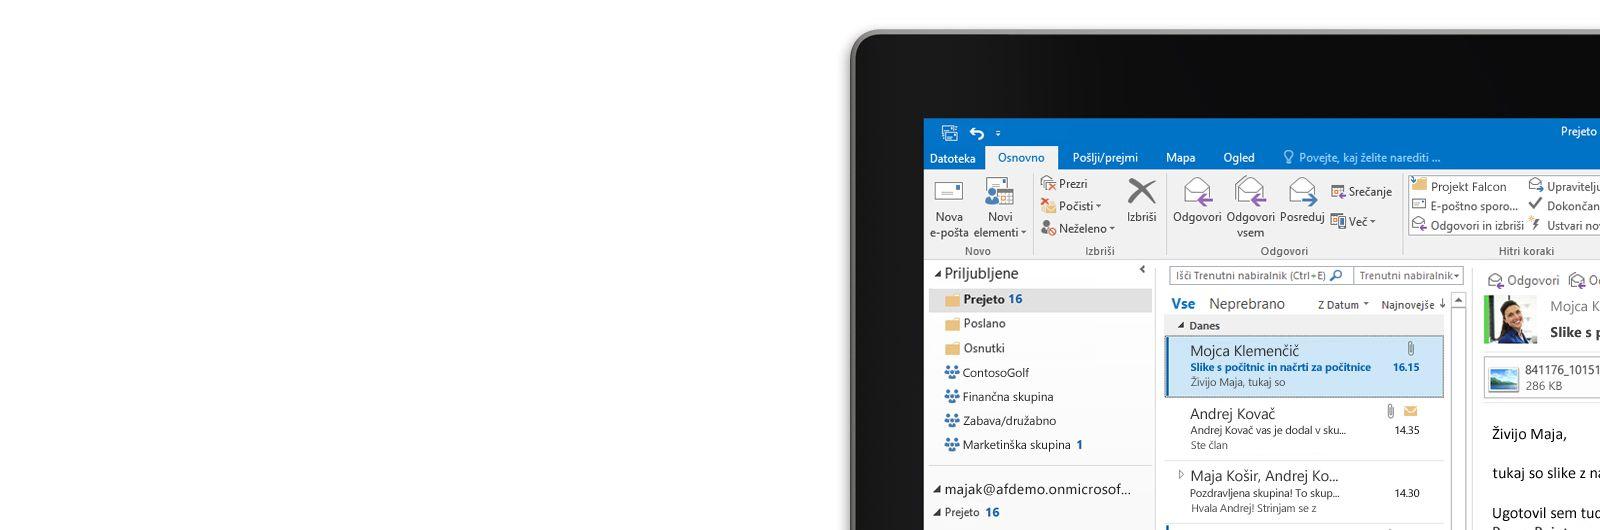 Tablični računalnik s prikazanim nabiralnikom programa Microsoft Outlook 2013 in seznamom sporočil ter predogledom.